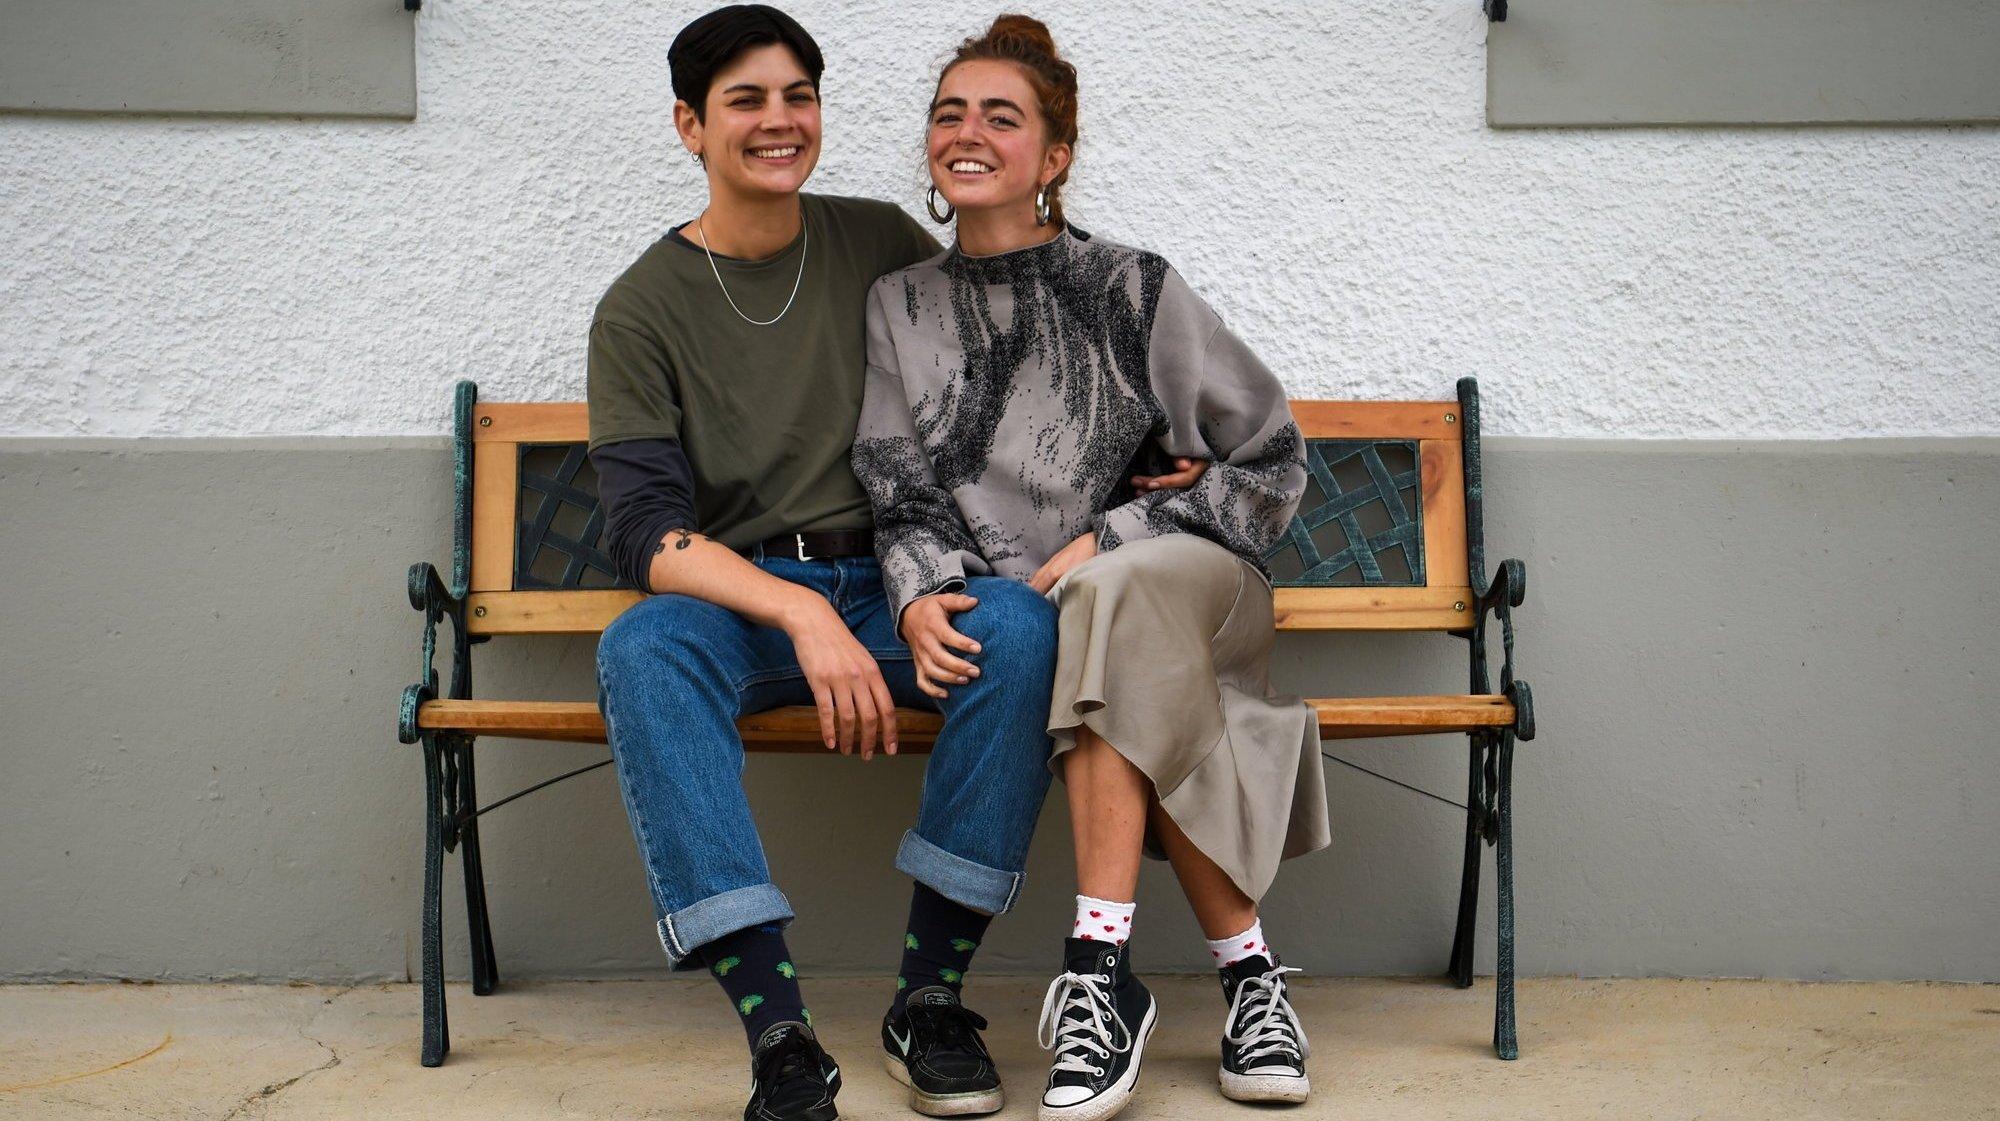 Les Neuchâteloises Jodie et Davina rêvent de se marier en Suisse